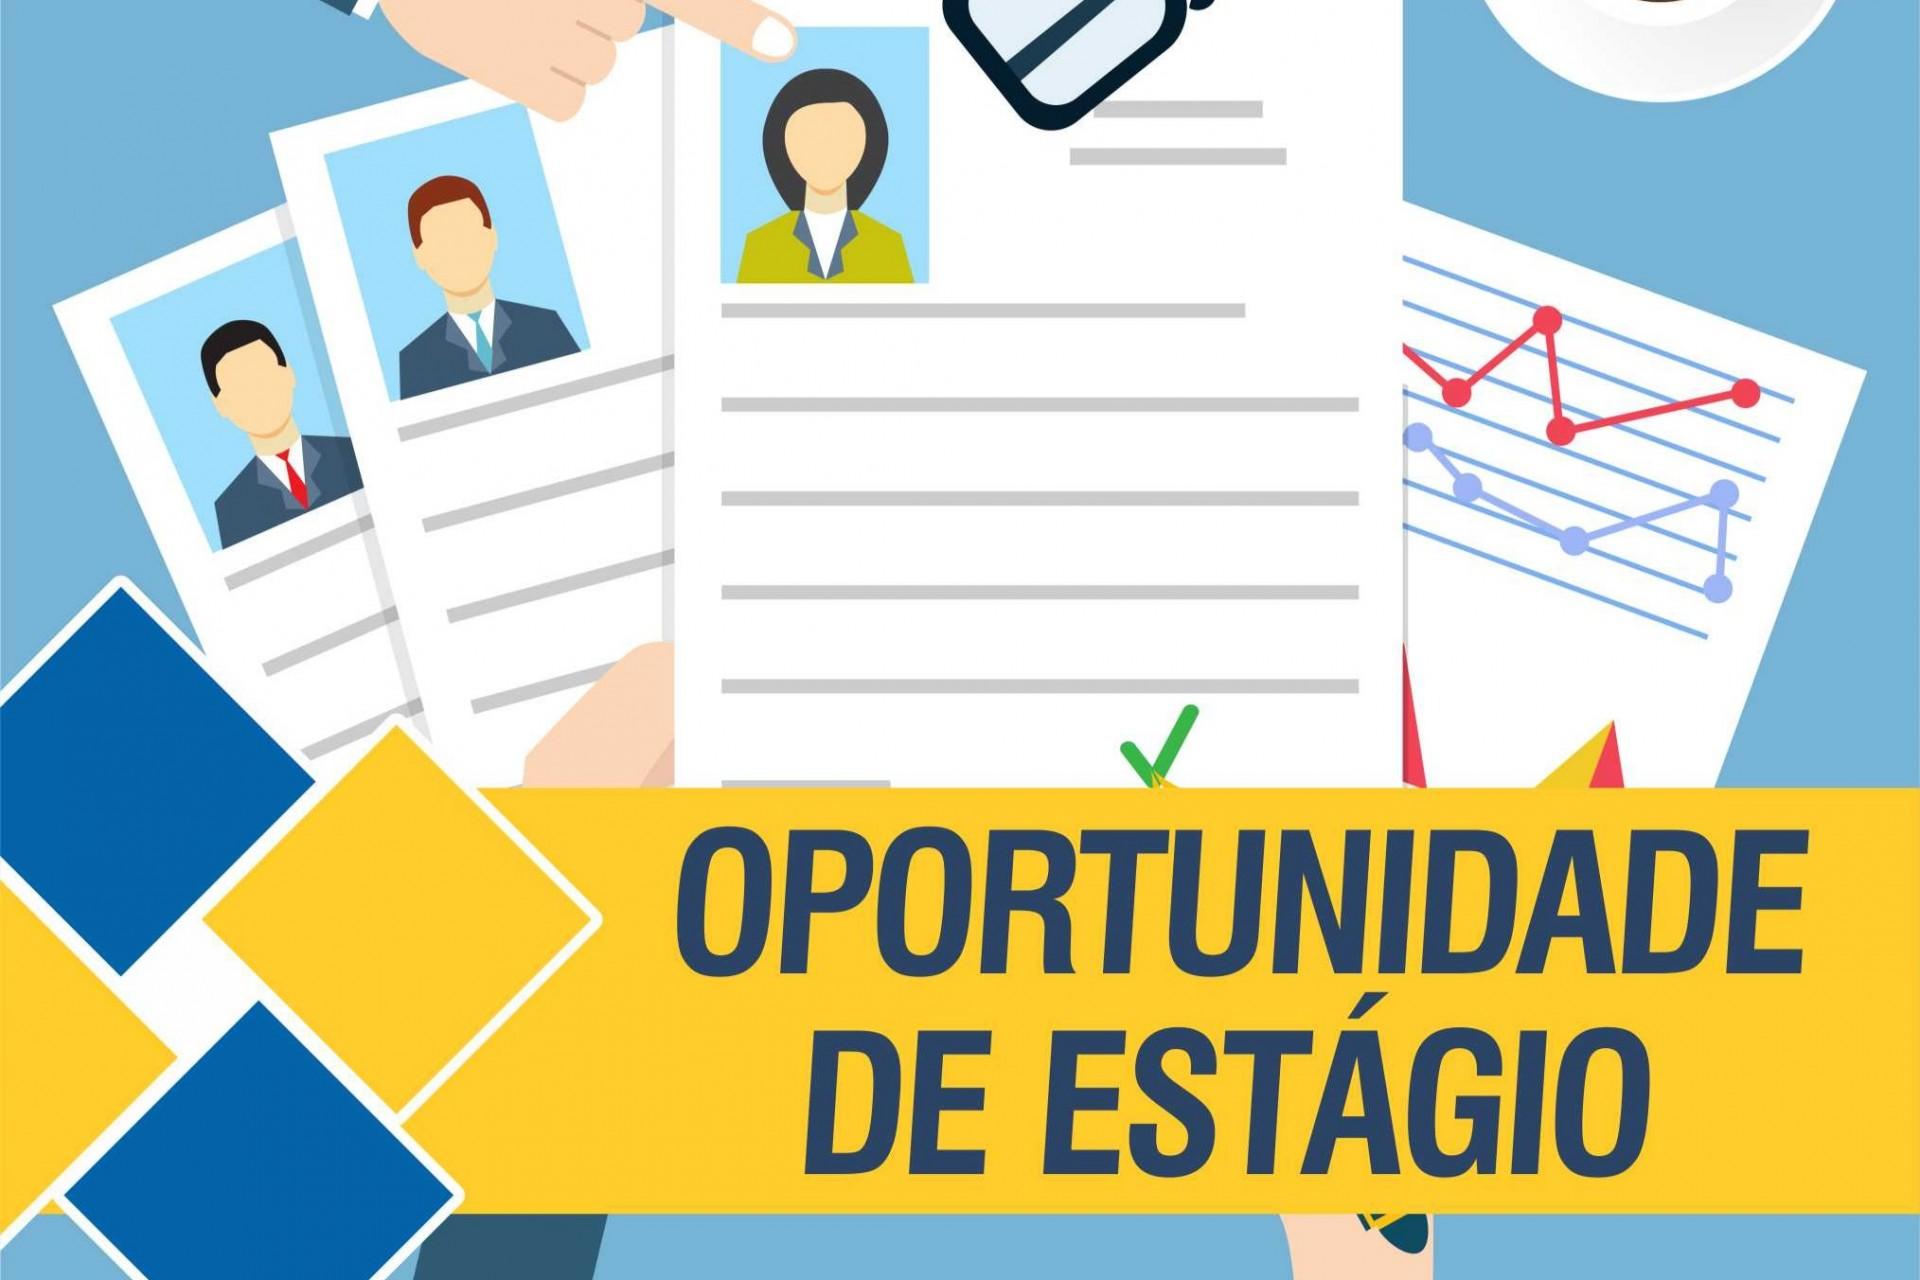 Conselho da Comunidade de São Miguel do Iguaçu divulga edital para contratação de estagiário